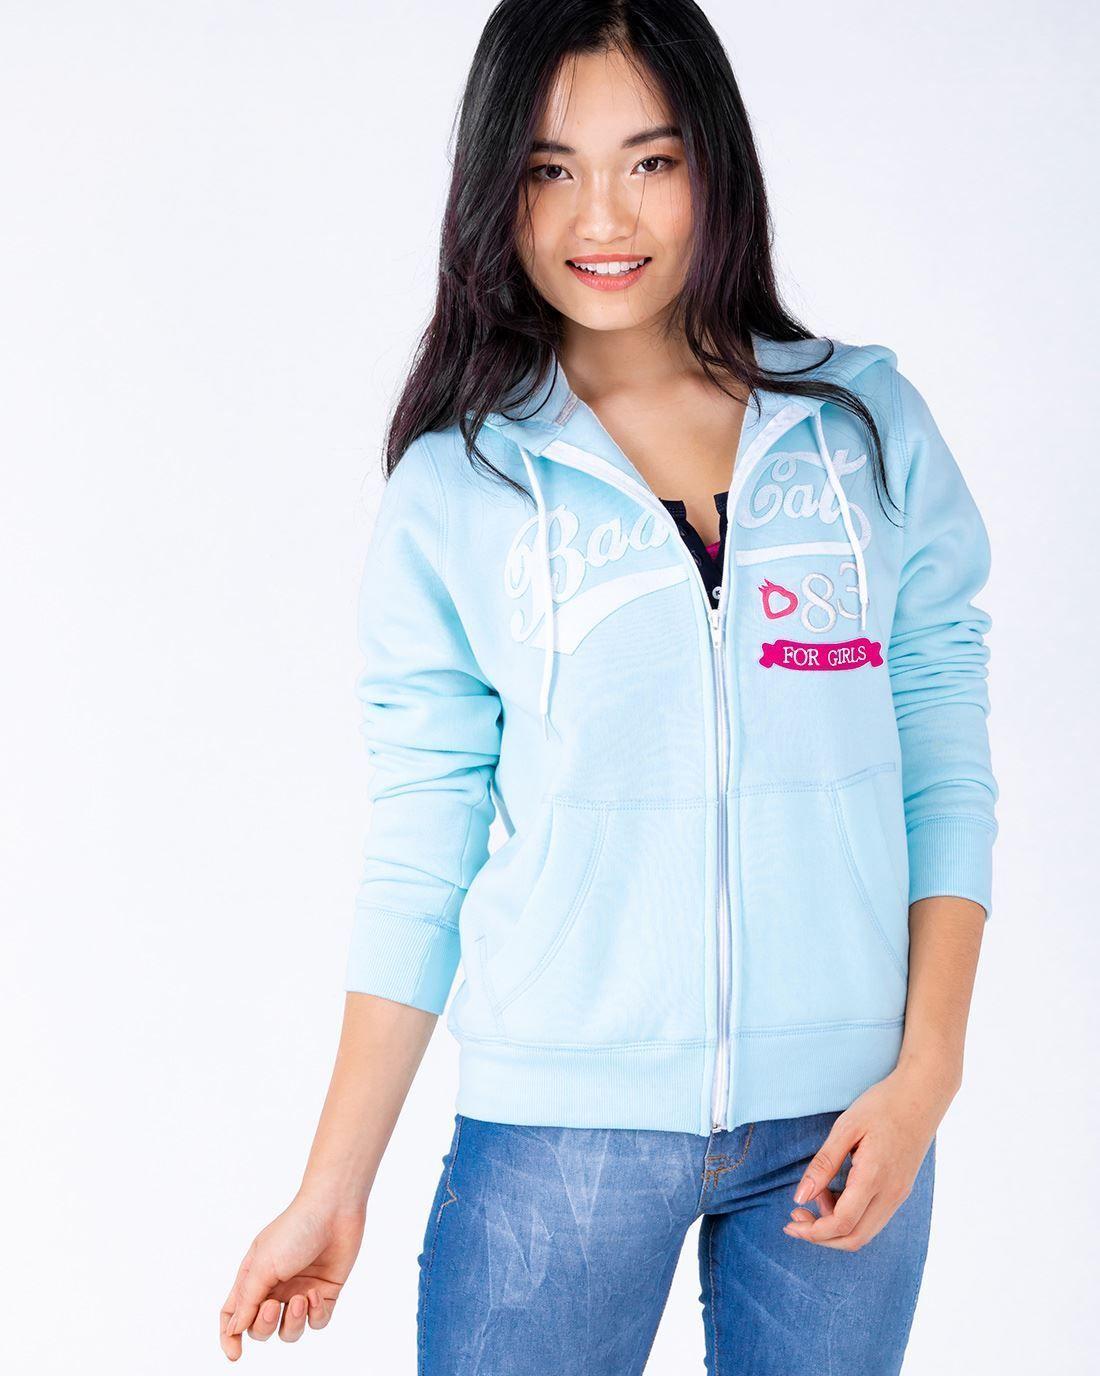 3bf7c6c72 Moletom Zíper Badcat Azul Claro - Compre agora | Badcat Store